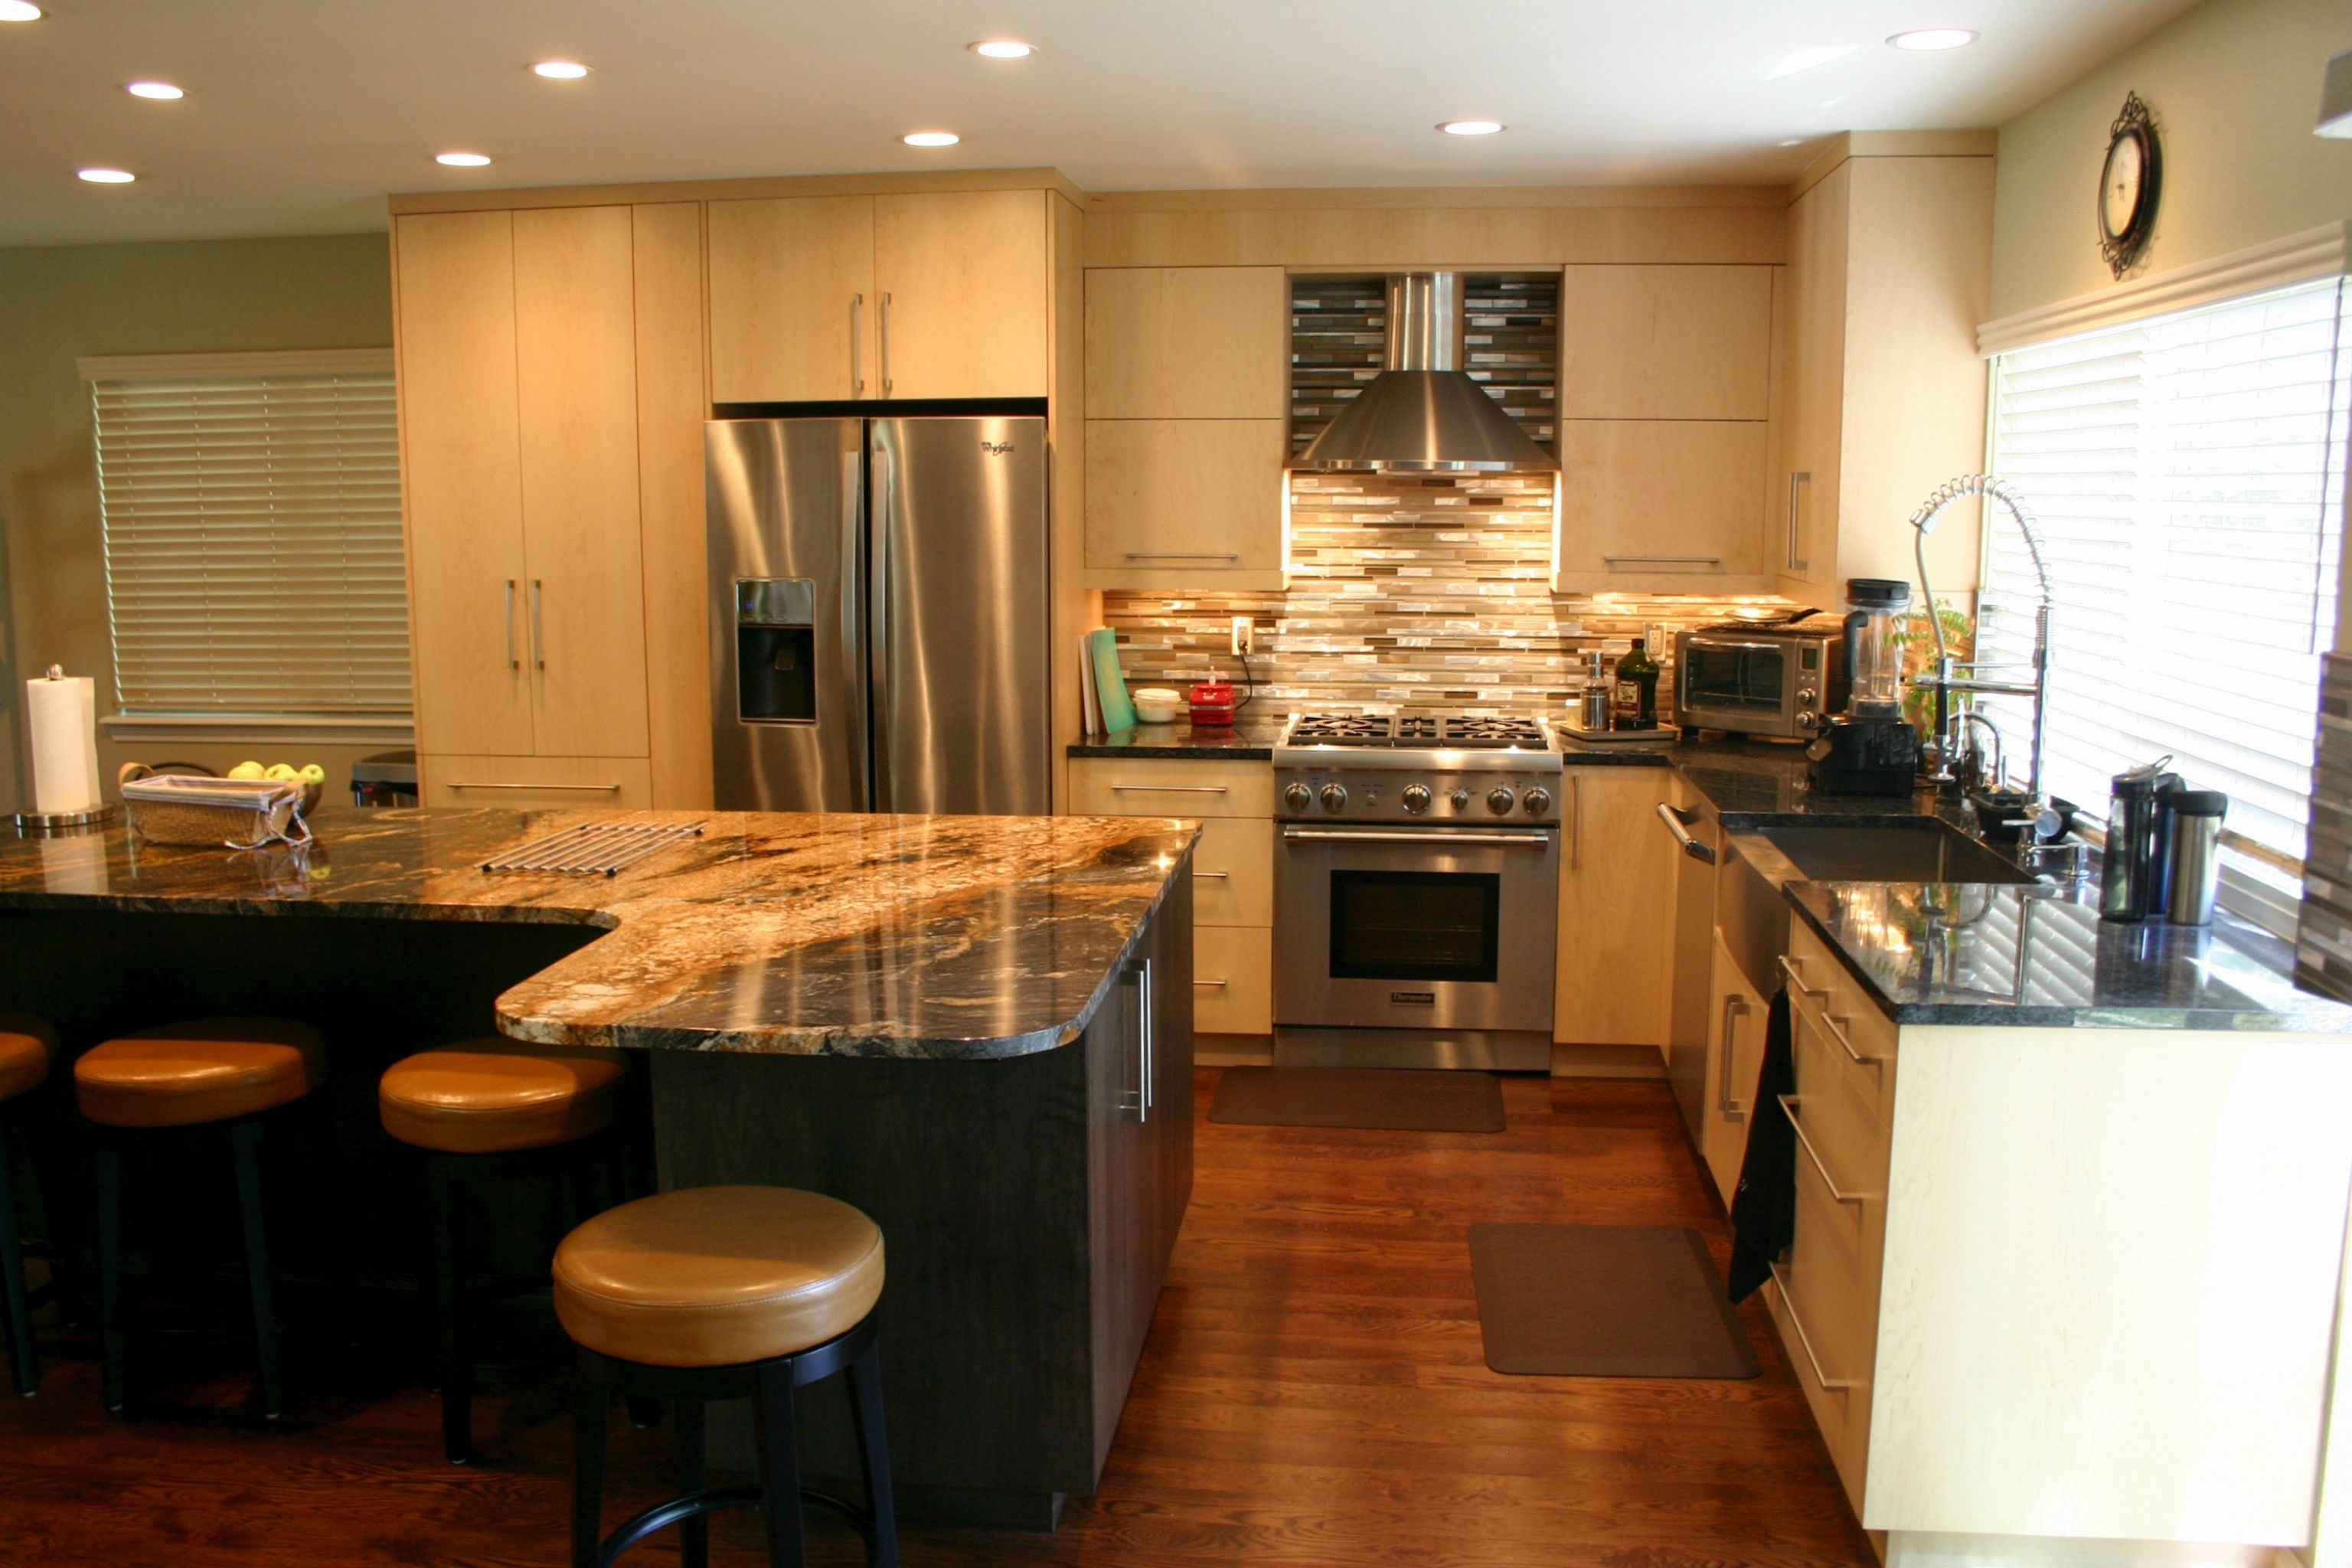 BKC Kitchen and Bath Denver kitchen remodel - Crystal Cabinet Works ...